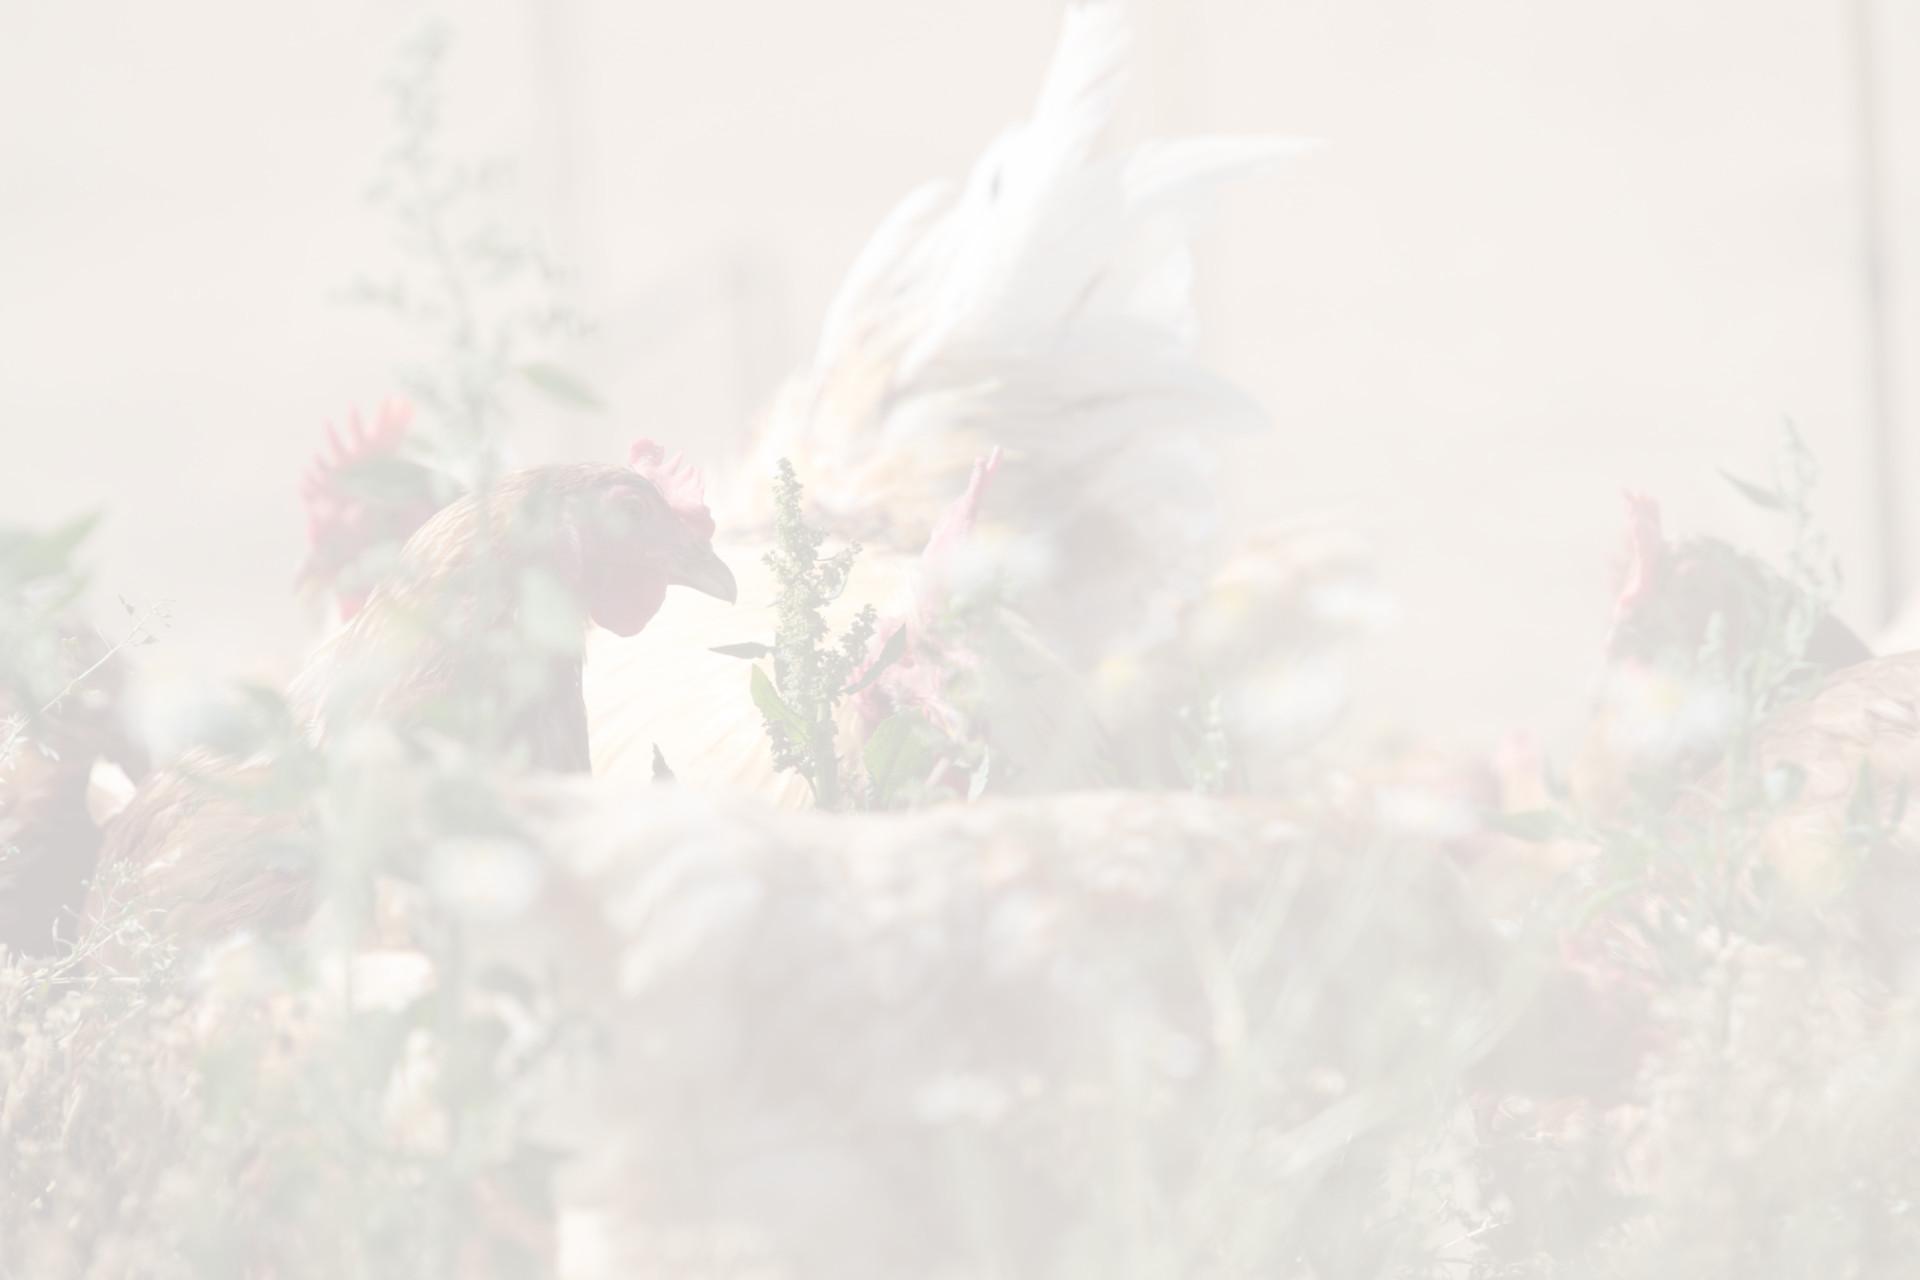 Fotohintergrund: Hühner in der Wiese